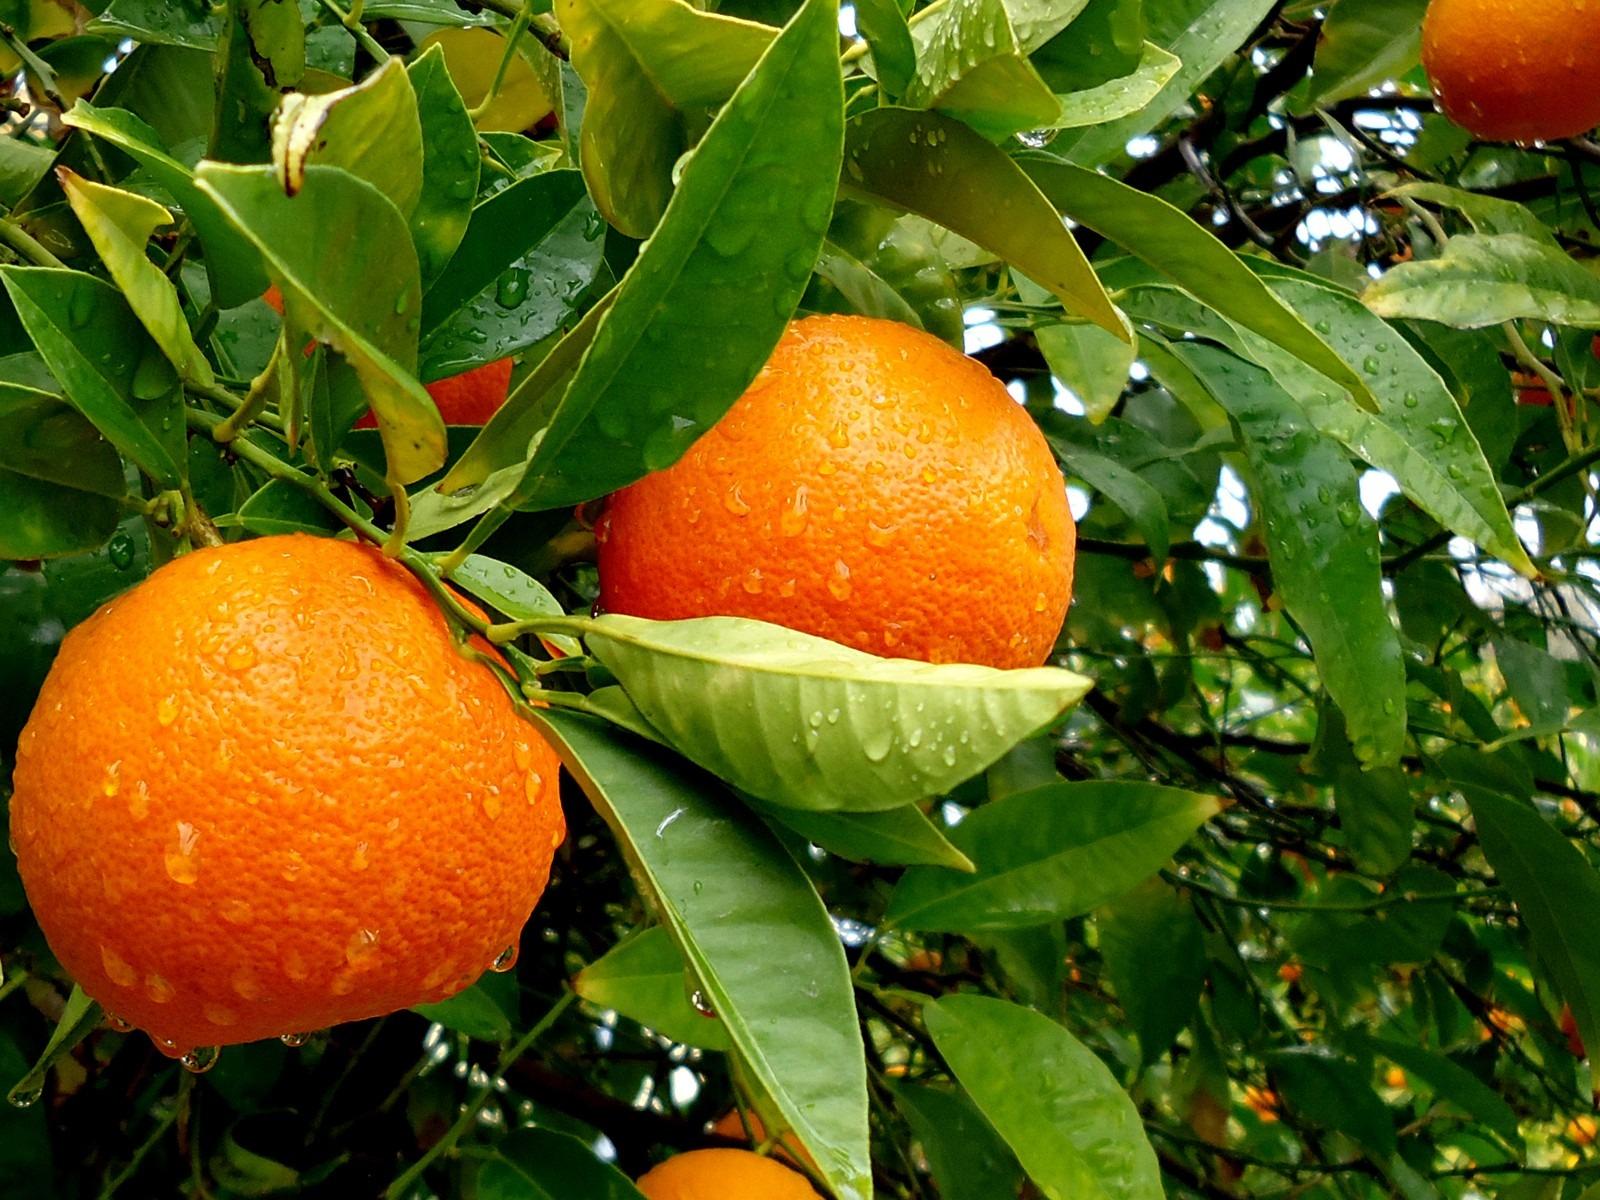 La regina dell'inverno: l'arancia – ricette con le arance mmmmmhhh